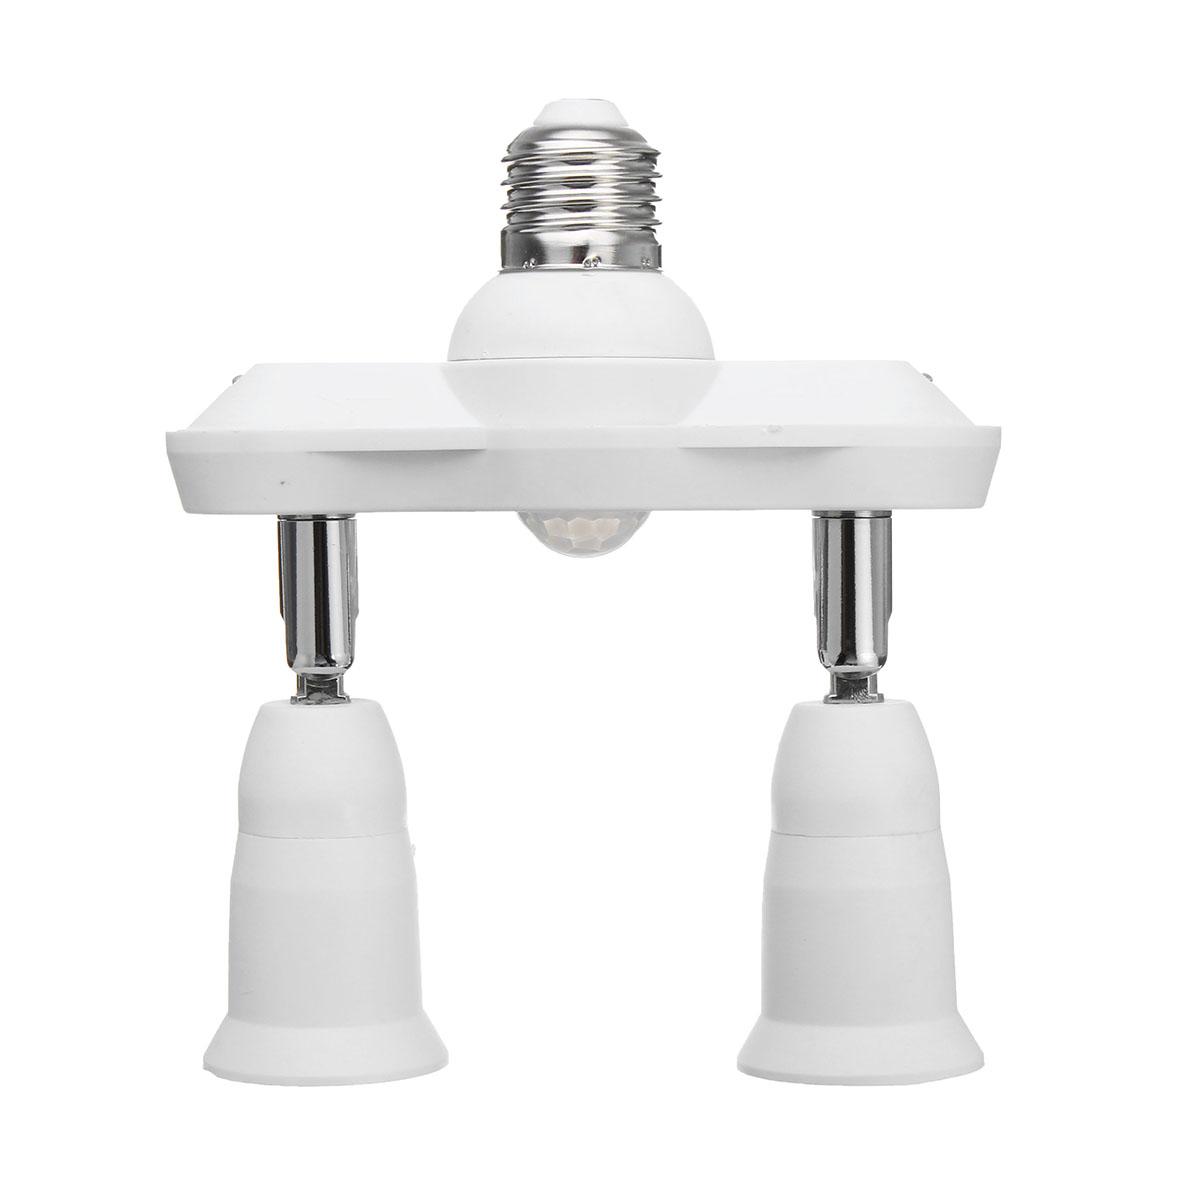 LUSTREON Infrared Motion Sensor Adjustable 2 In 1 E27 Bulb Adapter Socket Converter Splitter